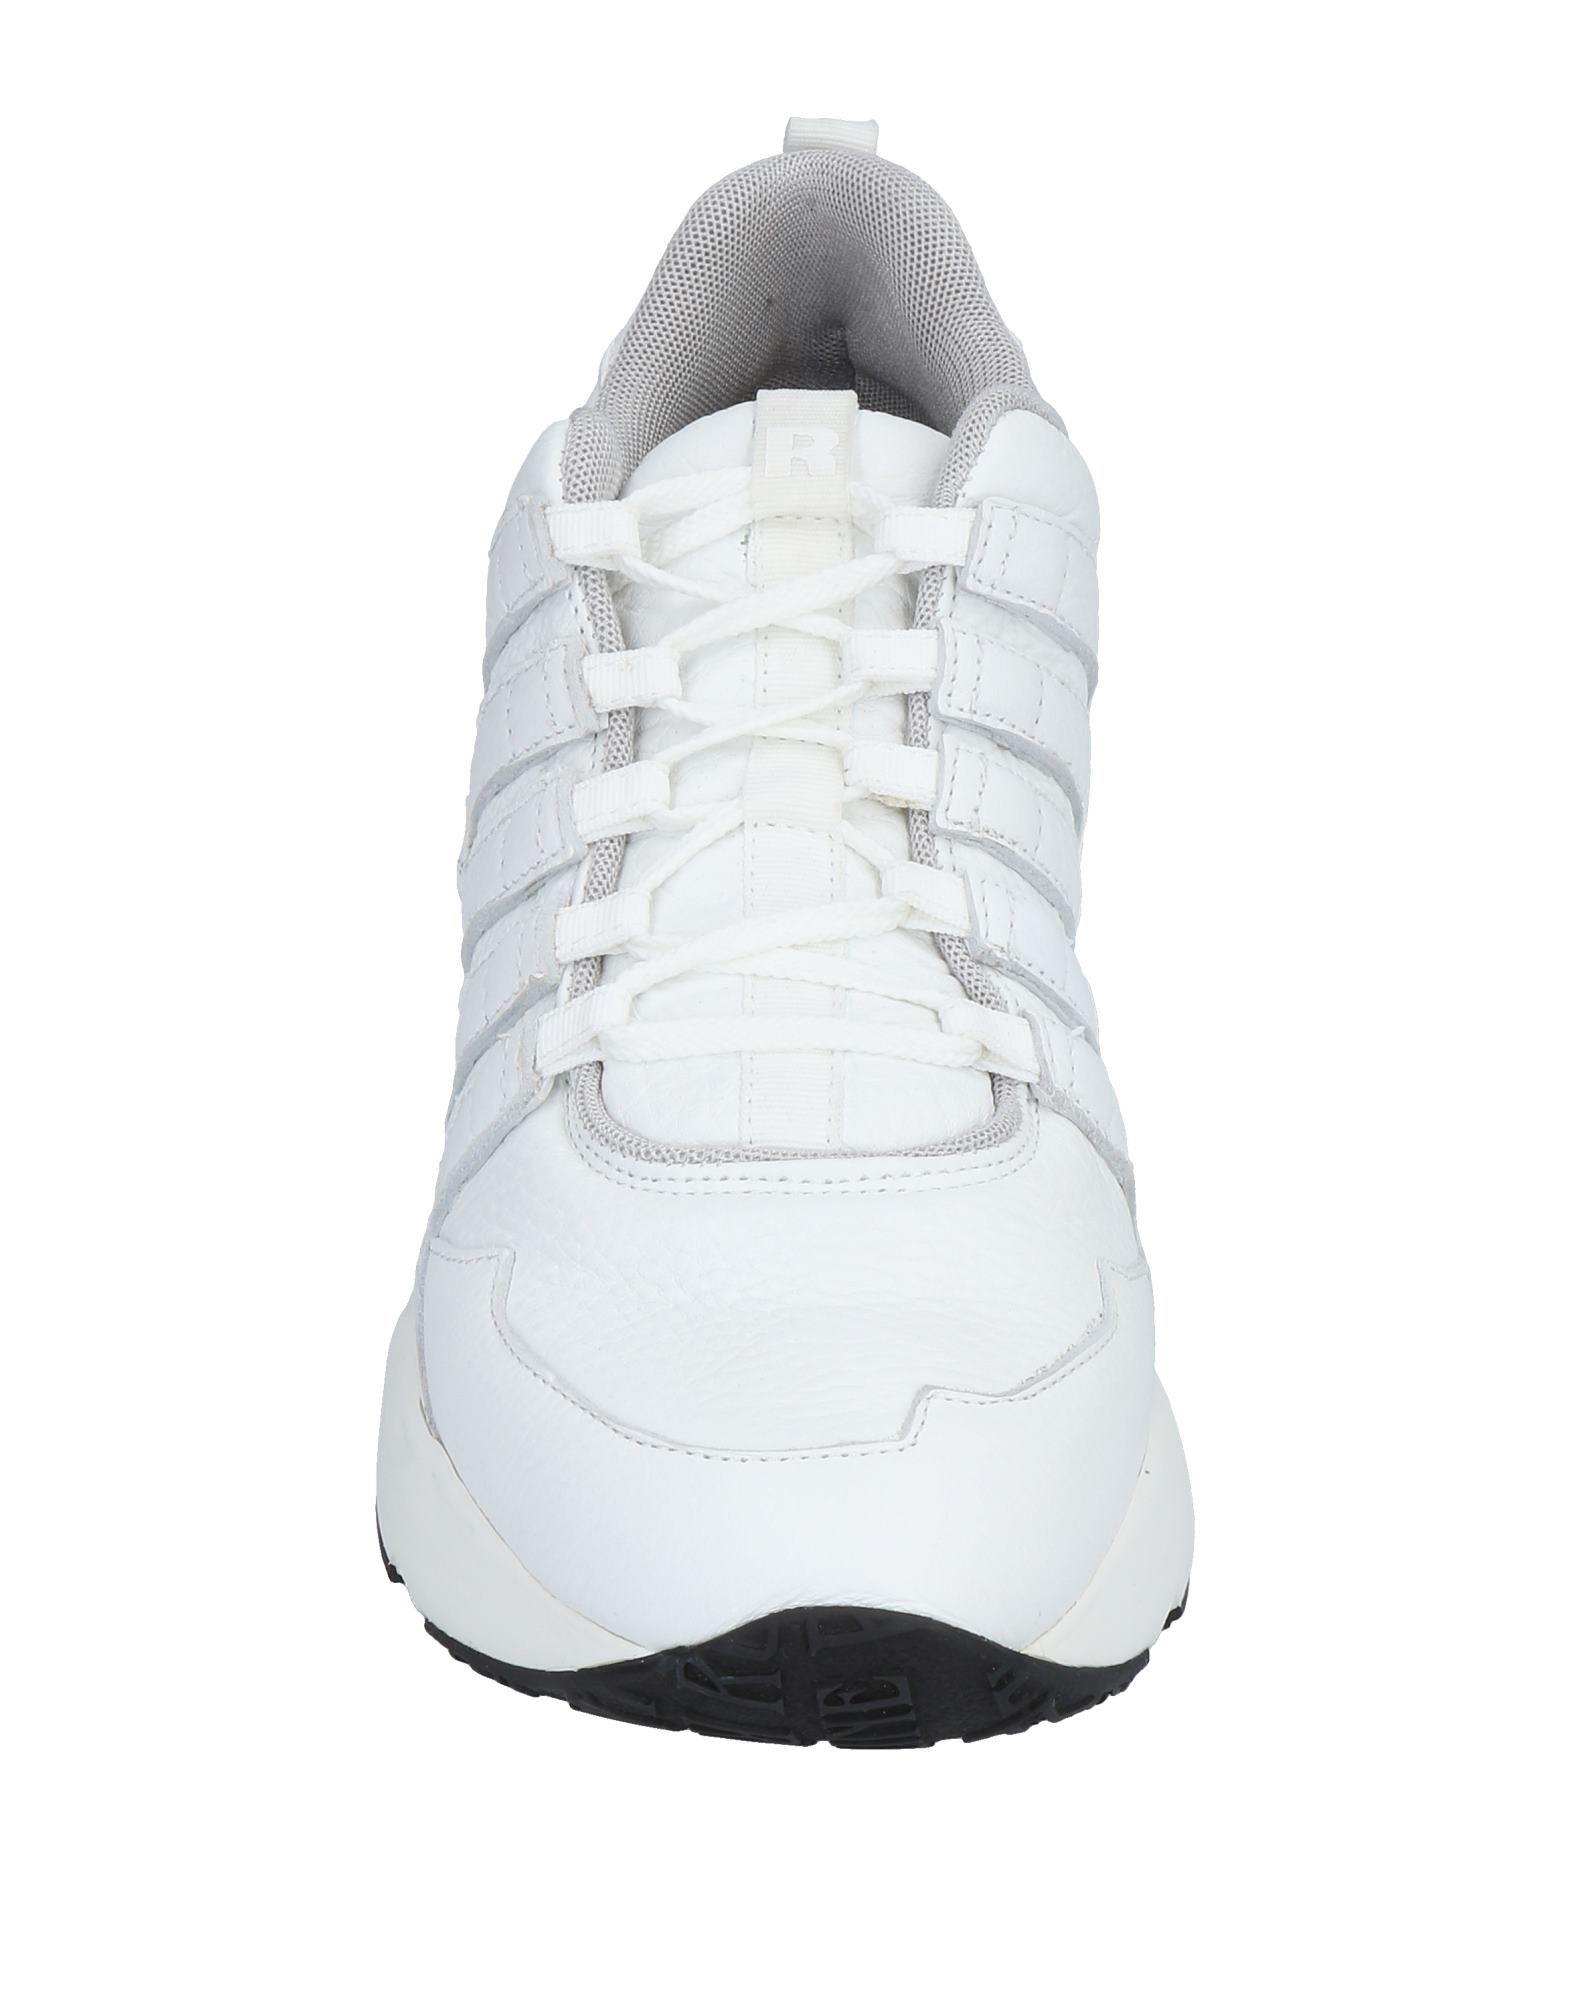 Ruco Line Sneakers Herren beliebte  11478048HE Gute Qualität beliebte Herren Schuhe 7147a0